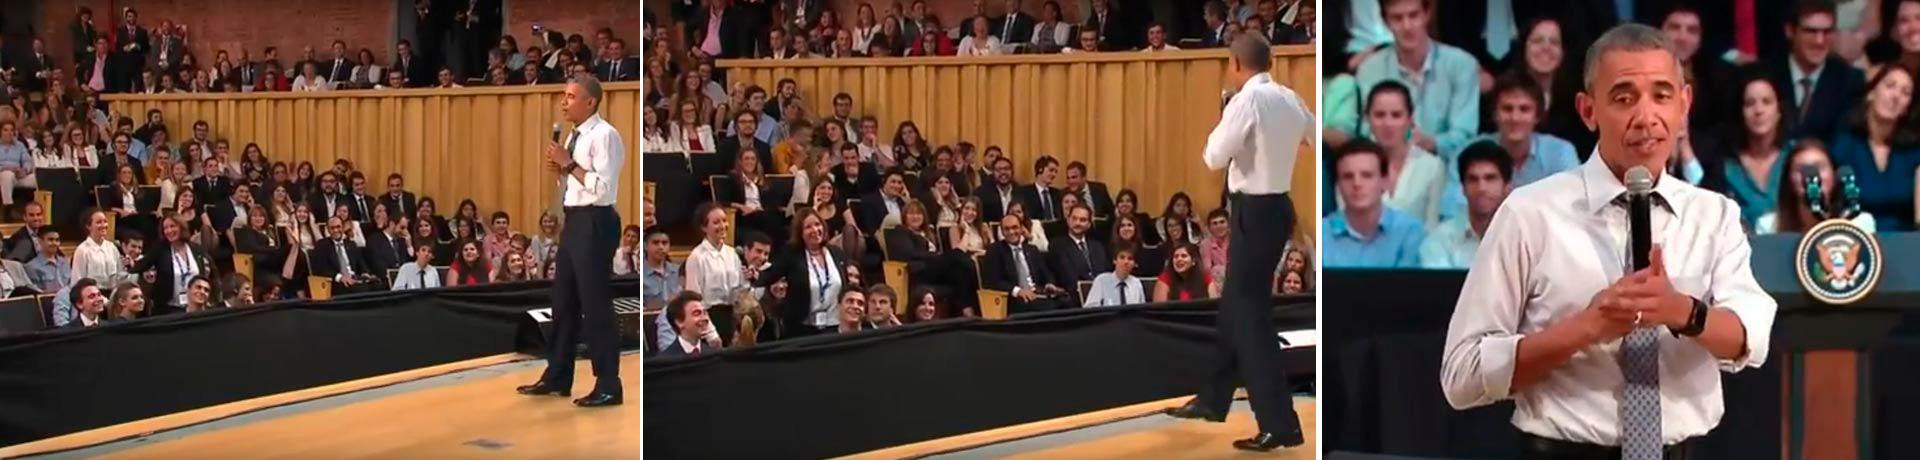 obama_usina_caja4